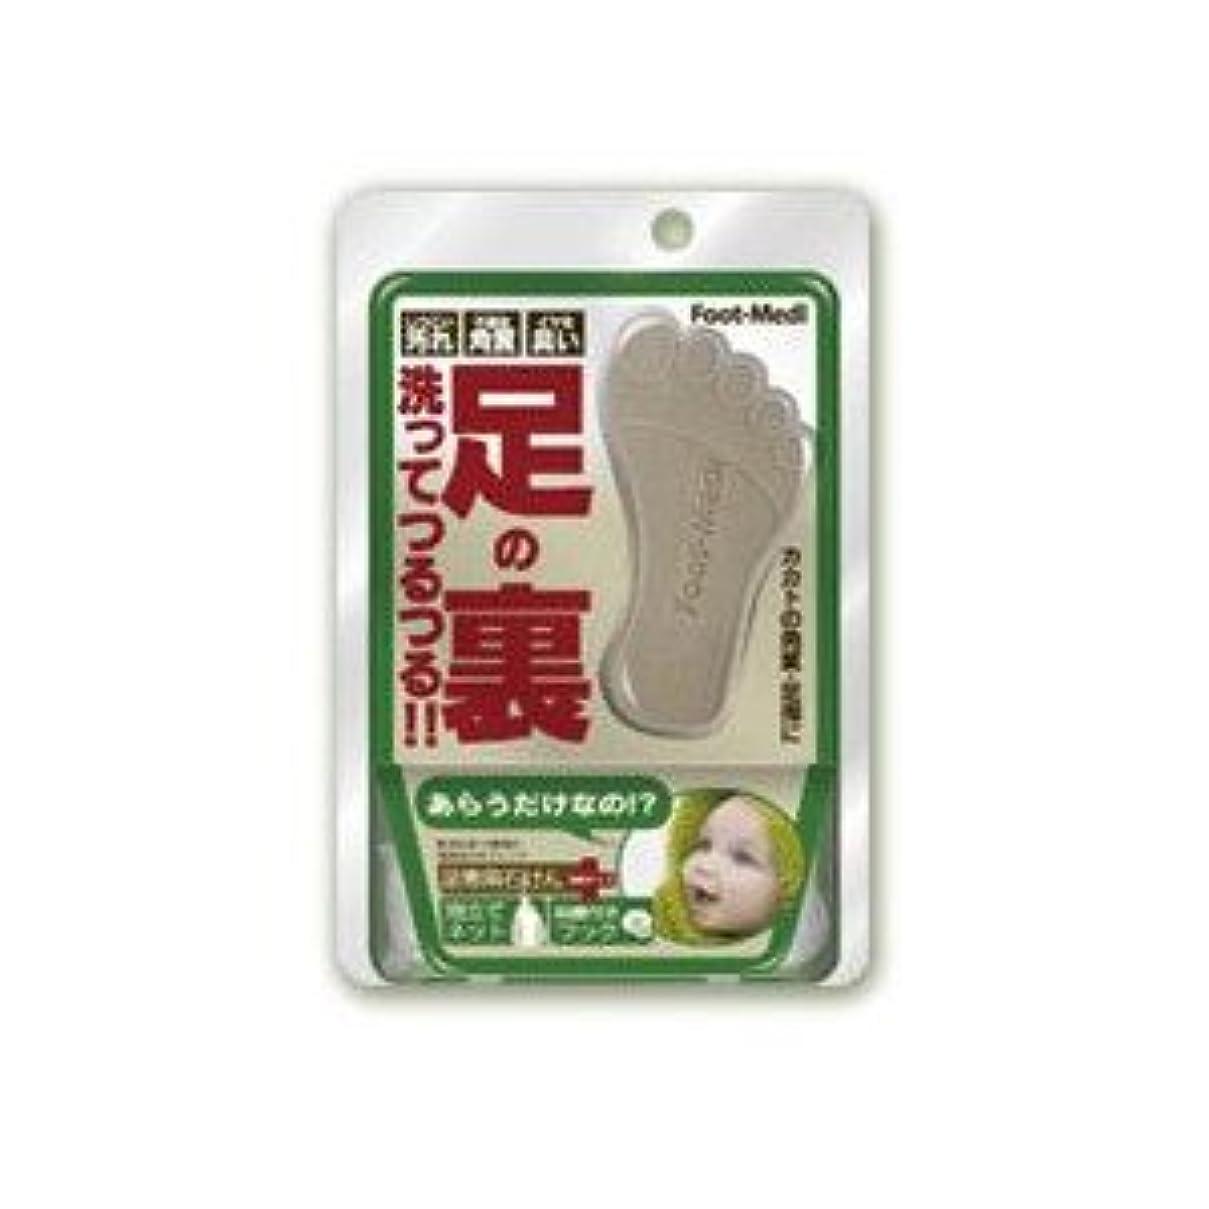 トチの実の木サンドイッチ原稿フットメジ 足用角質クリアハーブ石けん × 60個セット